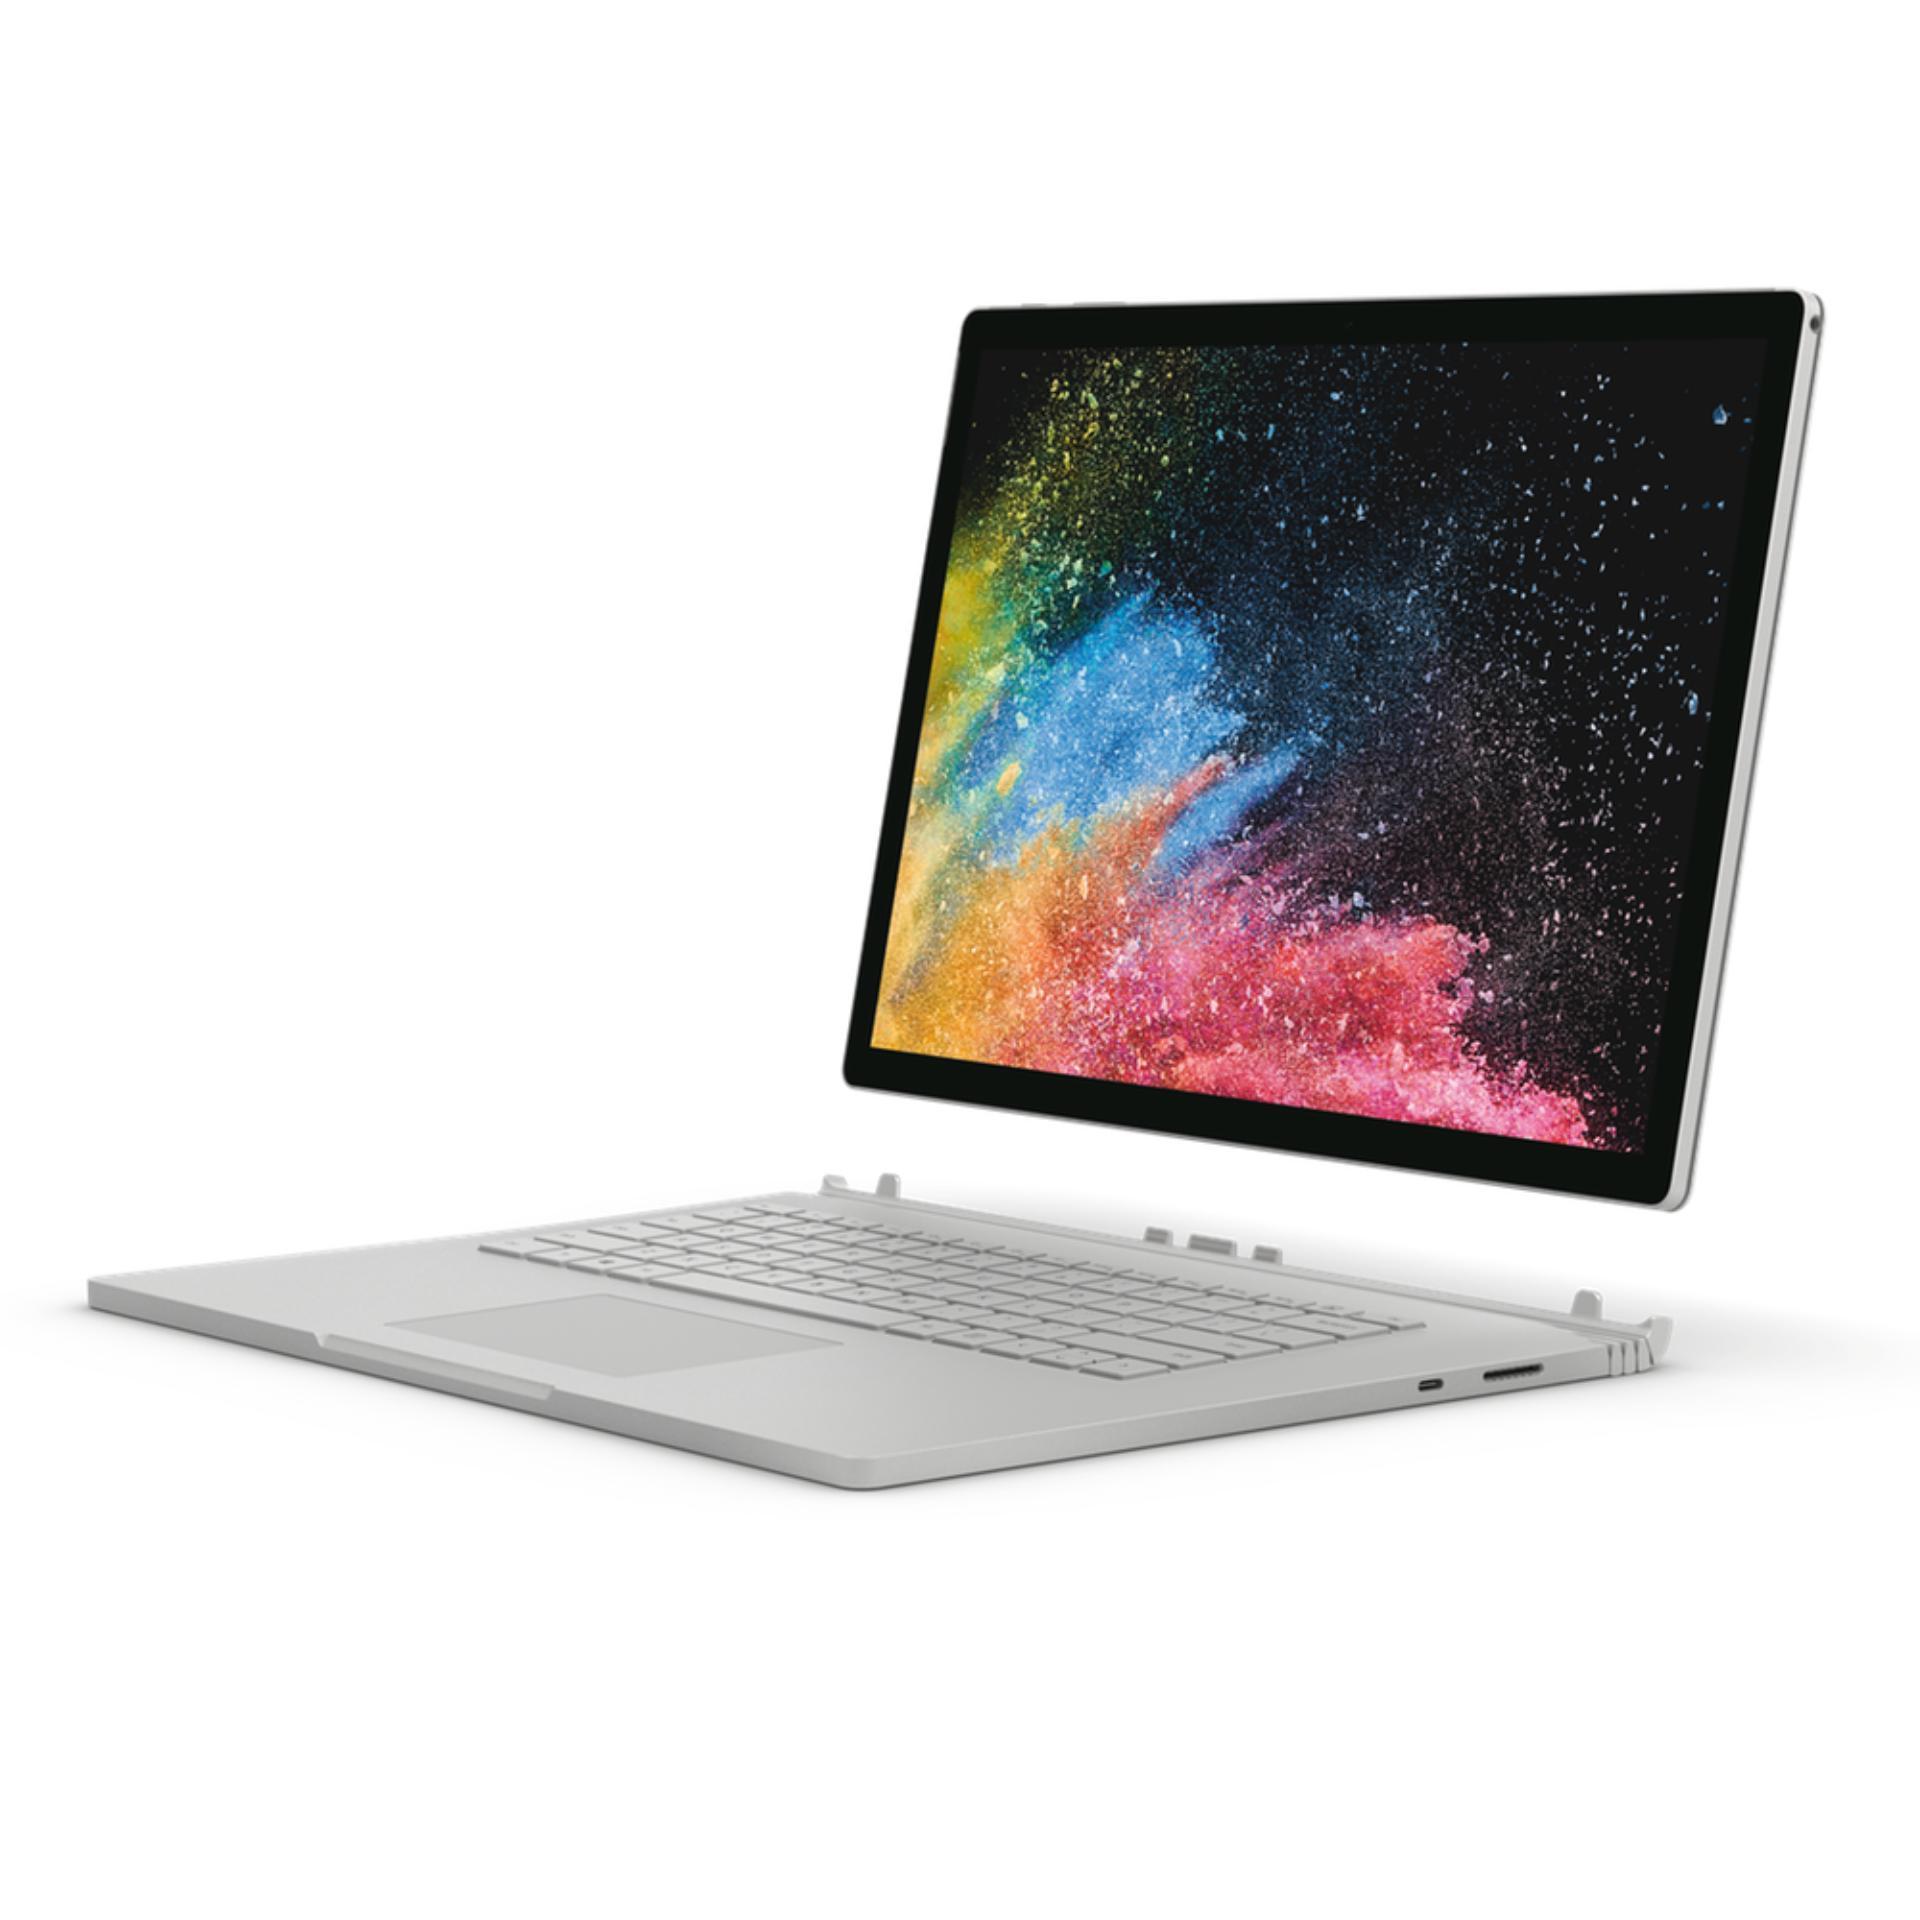 [Laptop] Surface Book 2 13in Core i7 / 16GB RAM / 1TB GPU SC